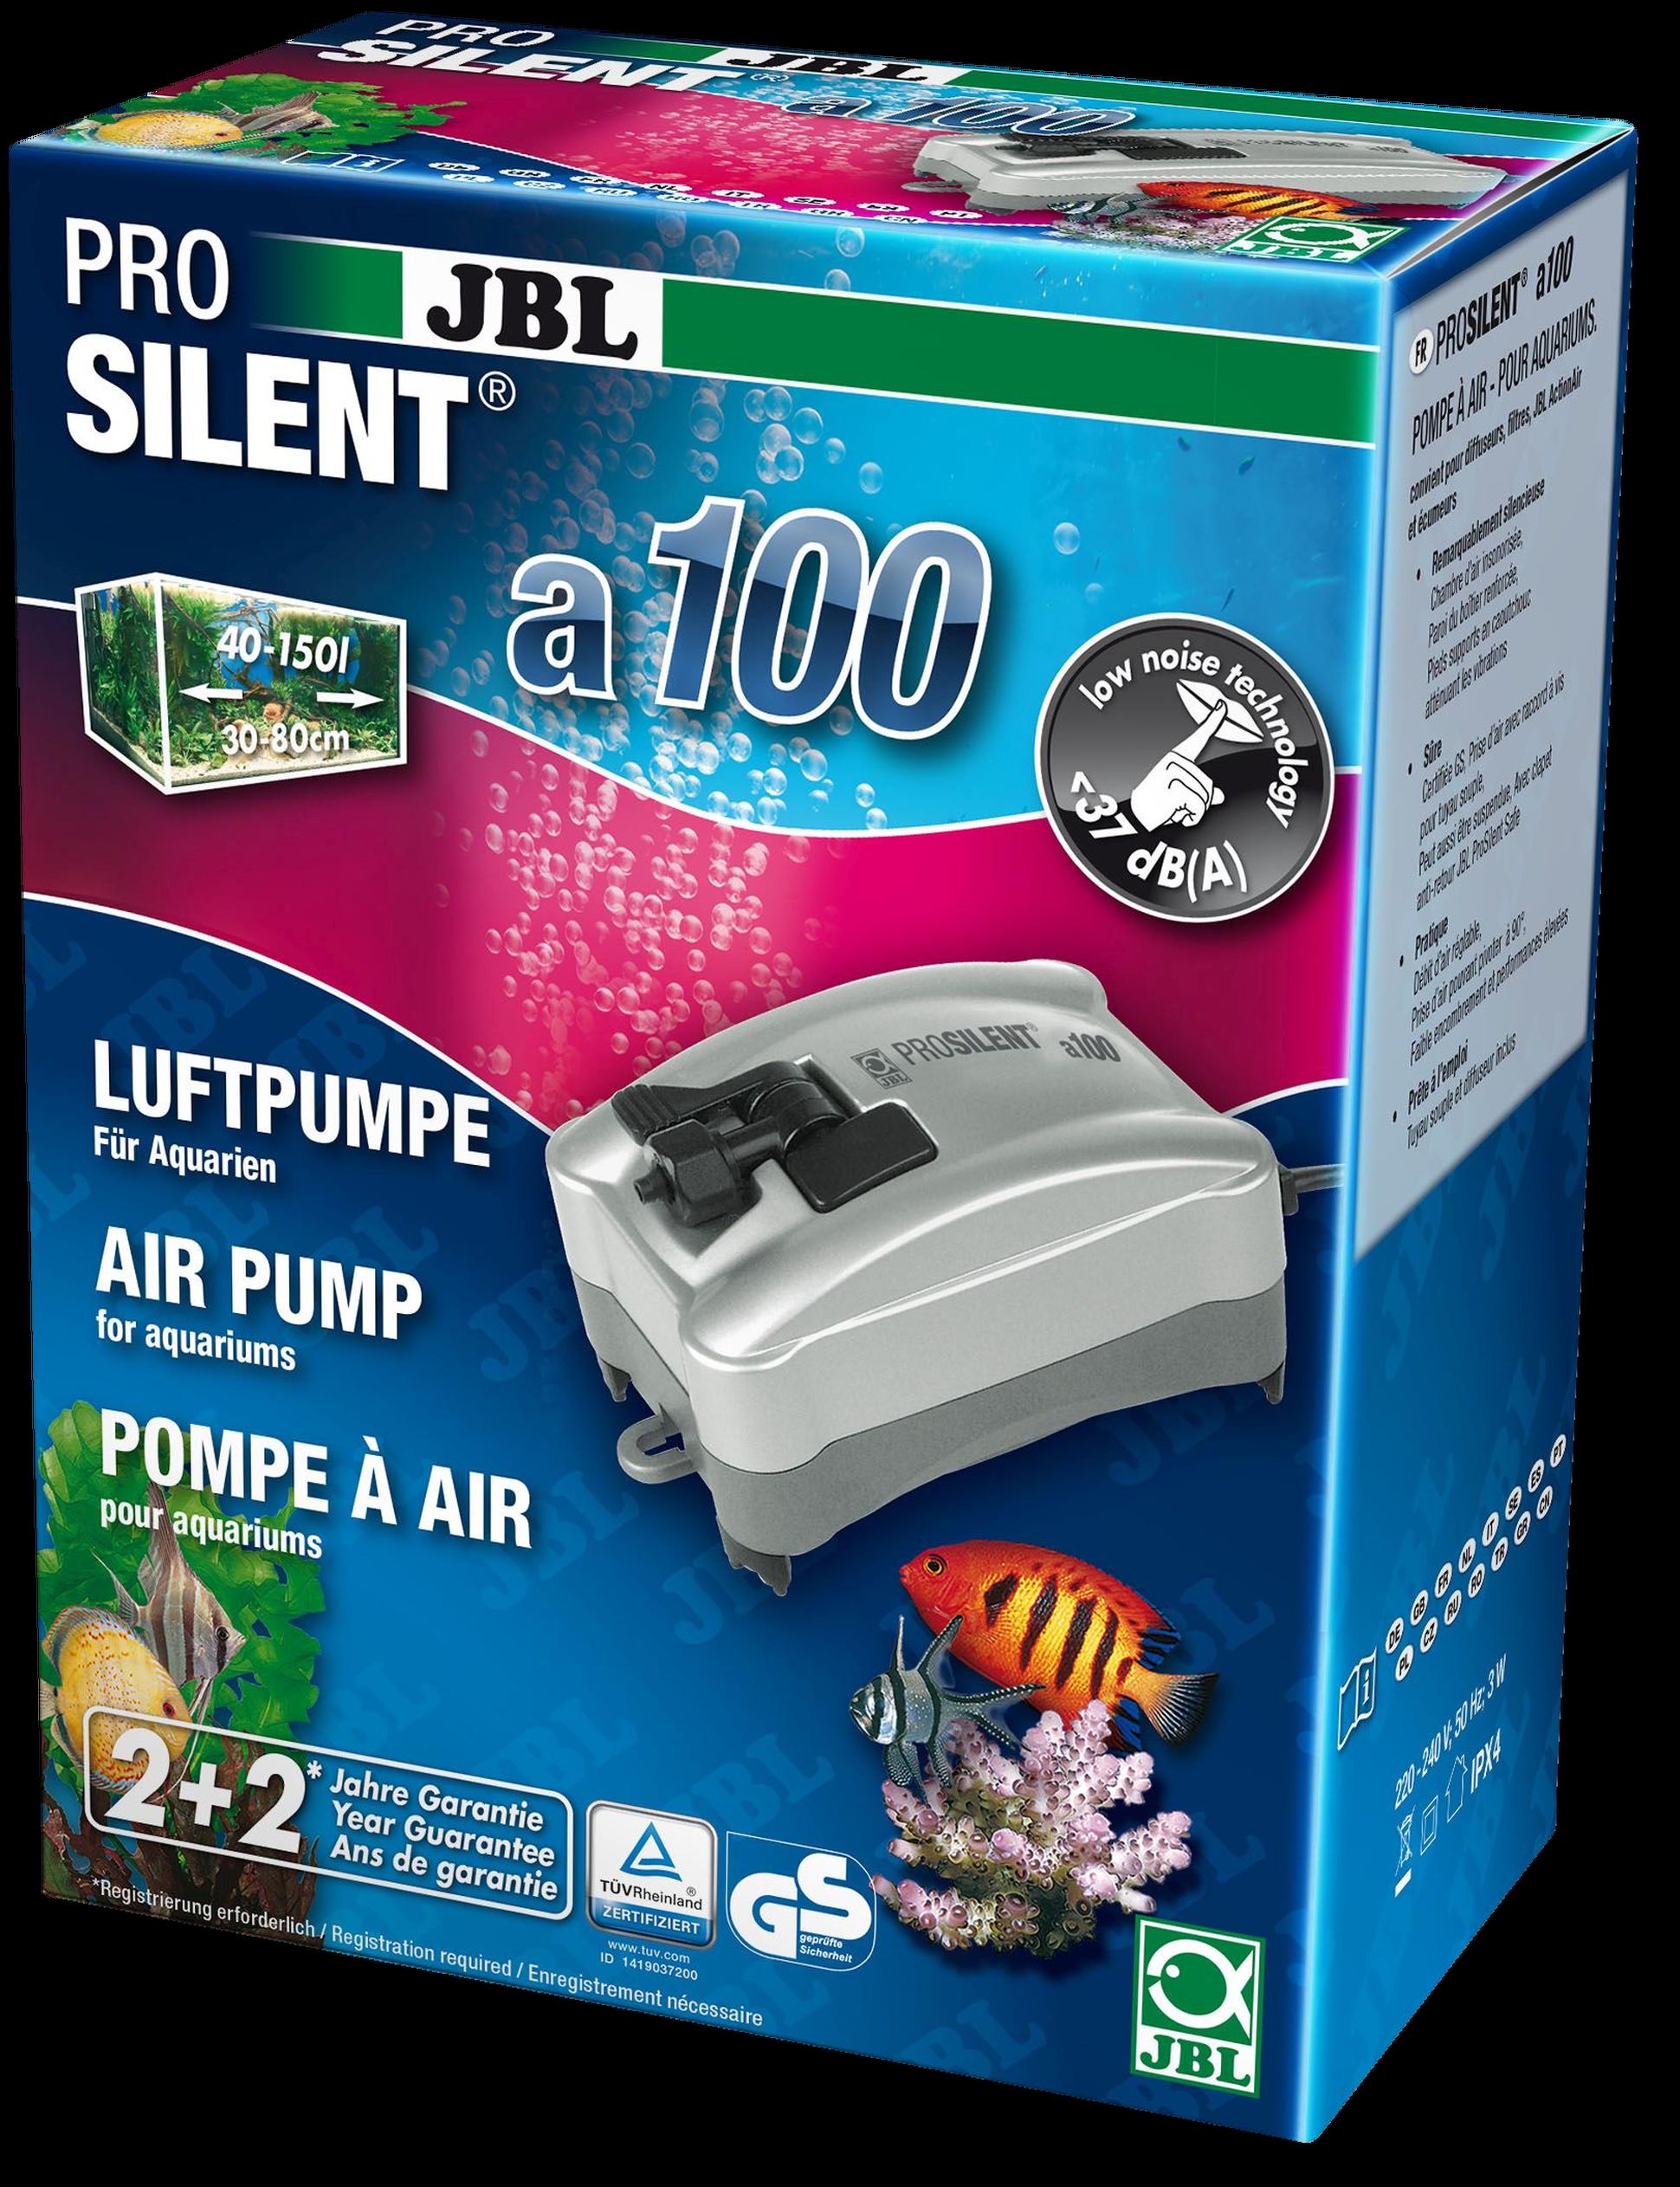 [282.6054100]  JBL ProSilent a100 - Компрессор для пресноводных и морских аквариумов 40-150 л, 2,9 Вт, 282.6054100